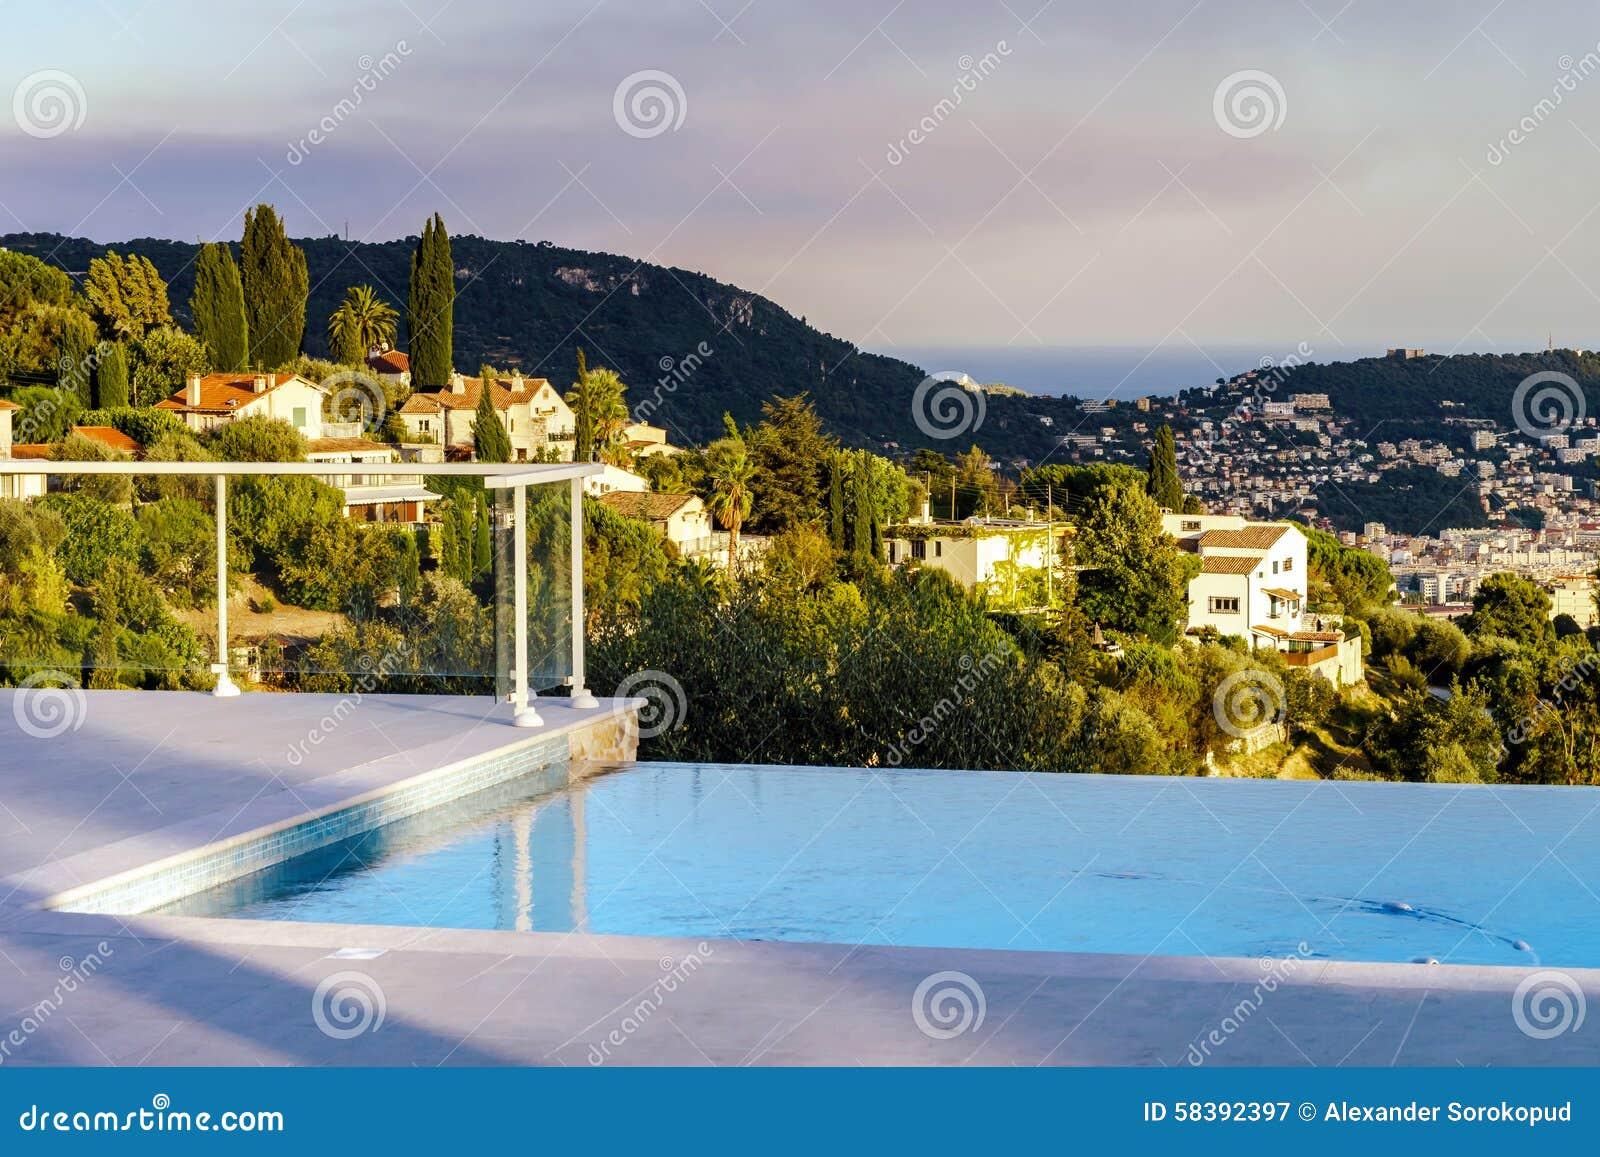 Piscina confidencial casa de campo moderna foto de stock for Casa moderna piscina